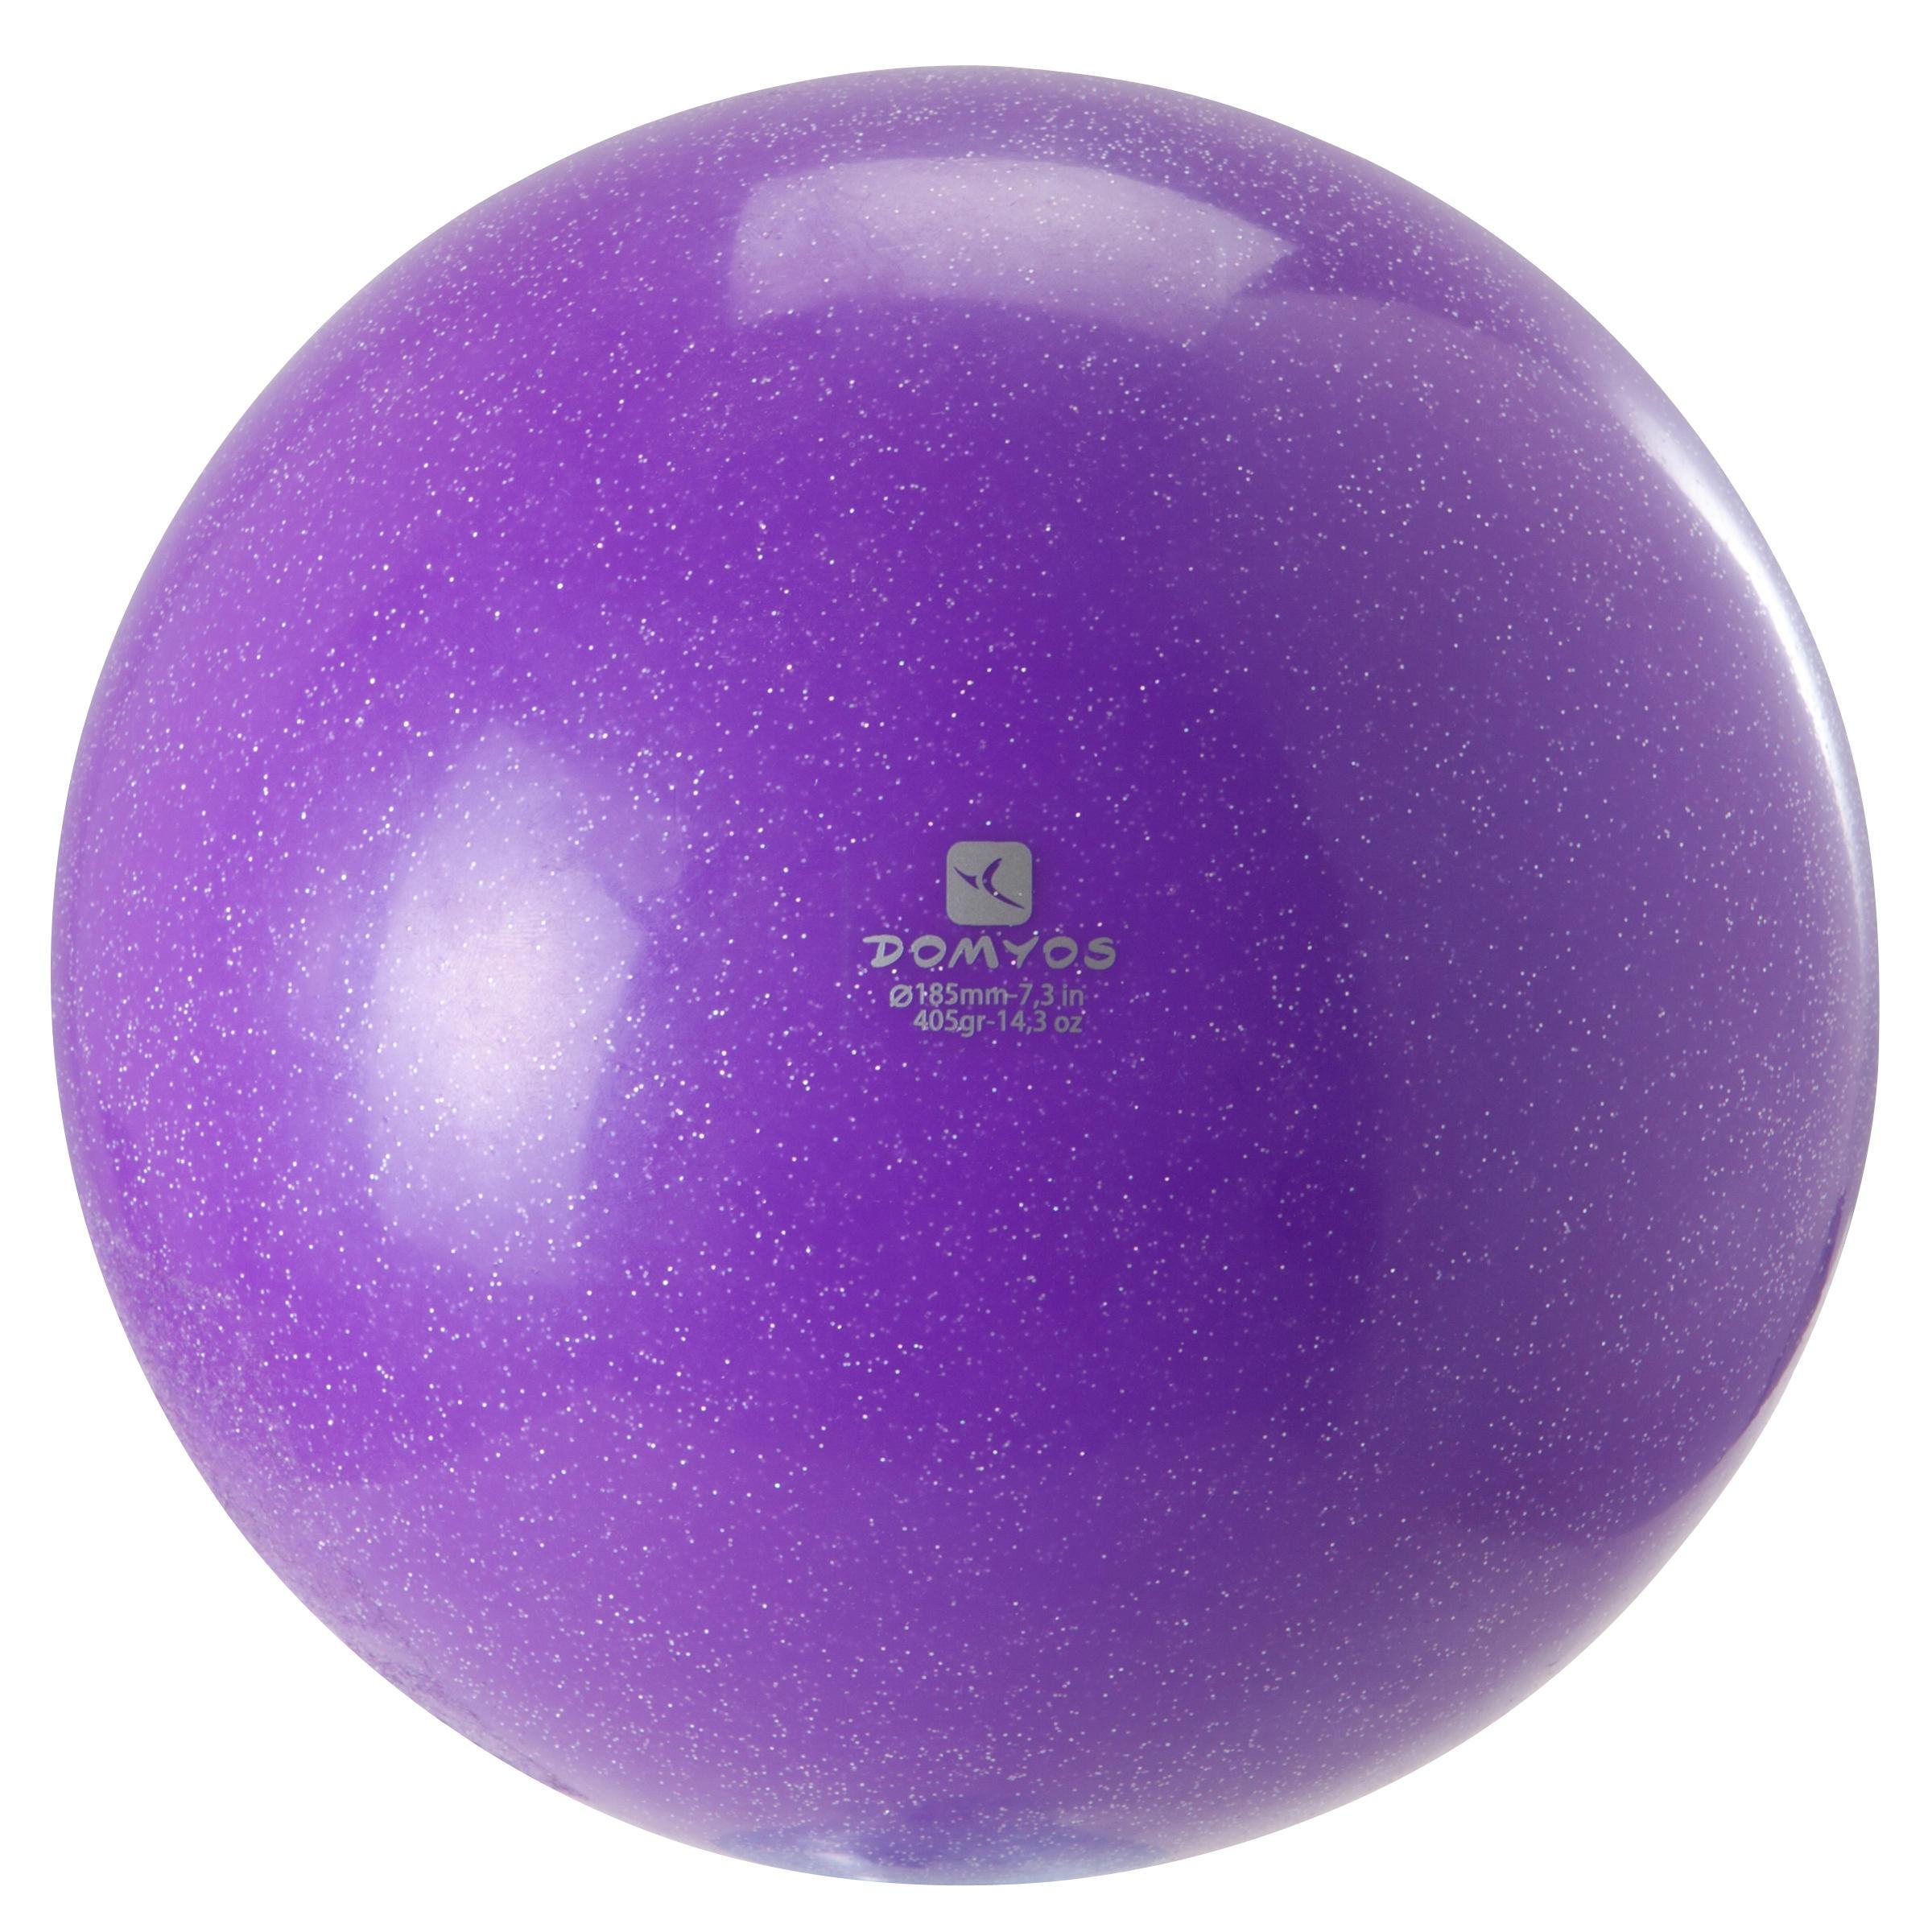 Domyos Bal voor ritmische gymnastiek (RG) 185 mm paarse lovertjes